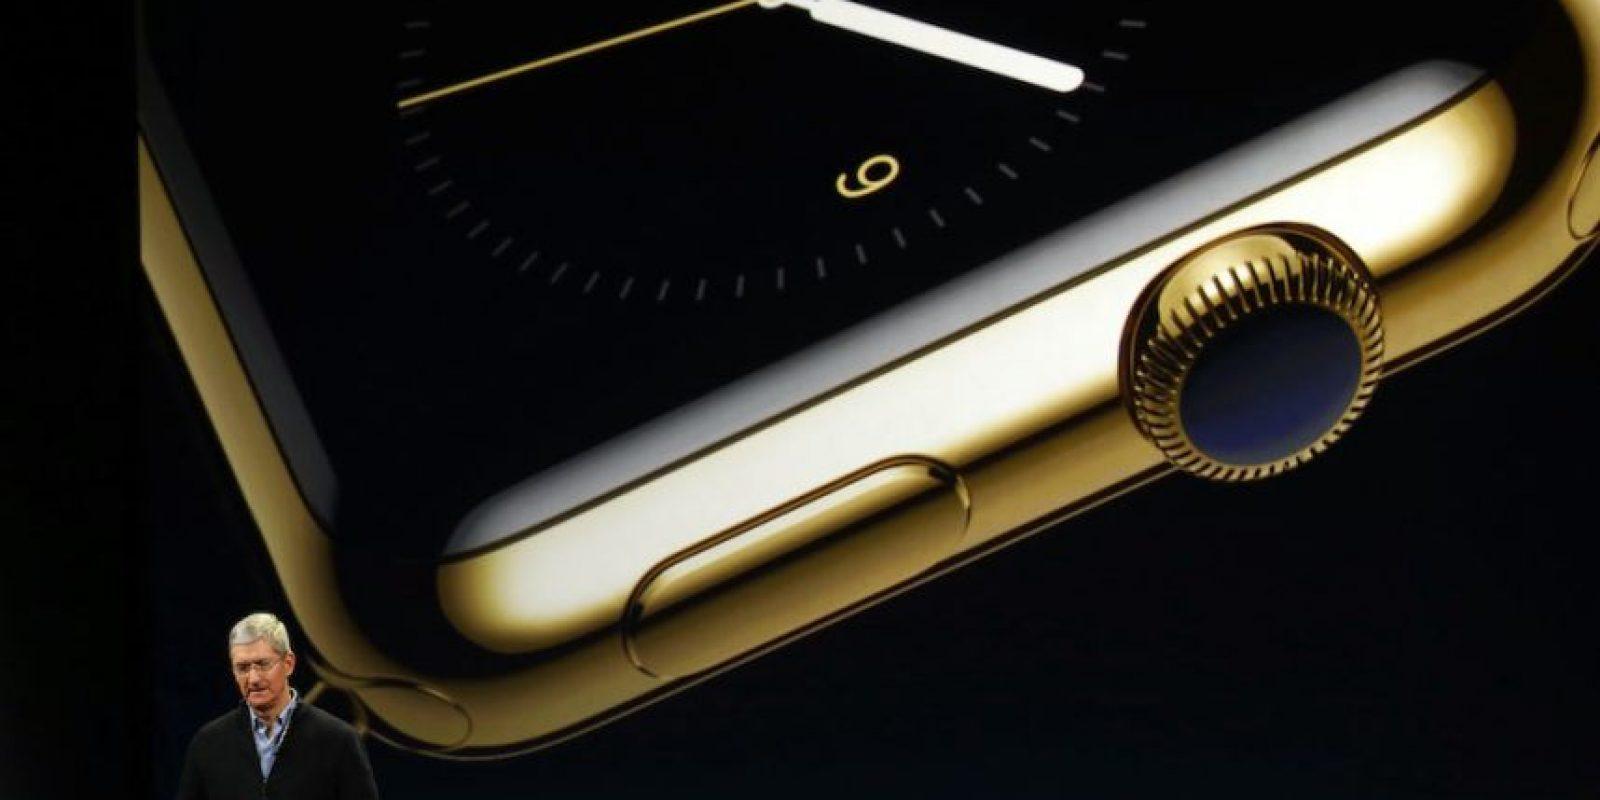 El descuento no es válido para la edición de oro del Apple Watch. Foto:Getty Images